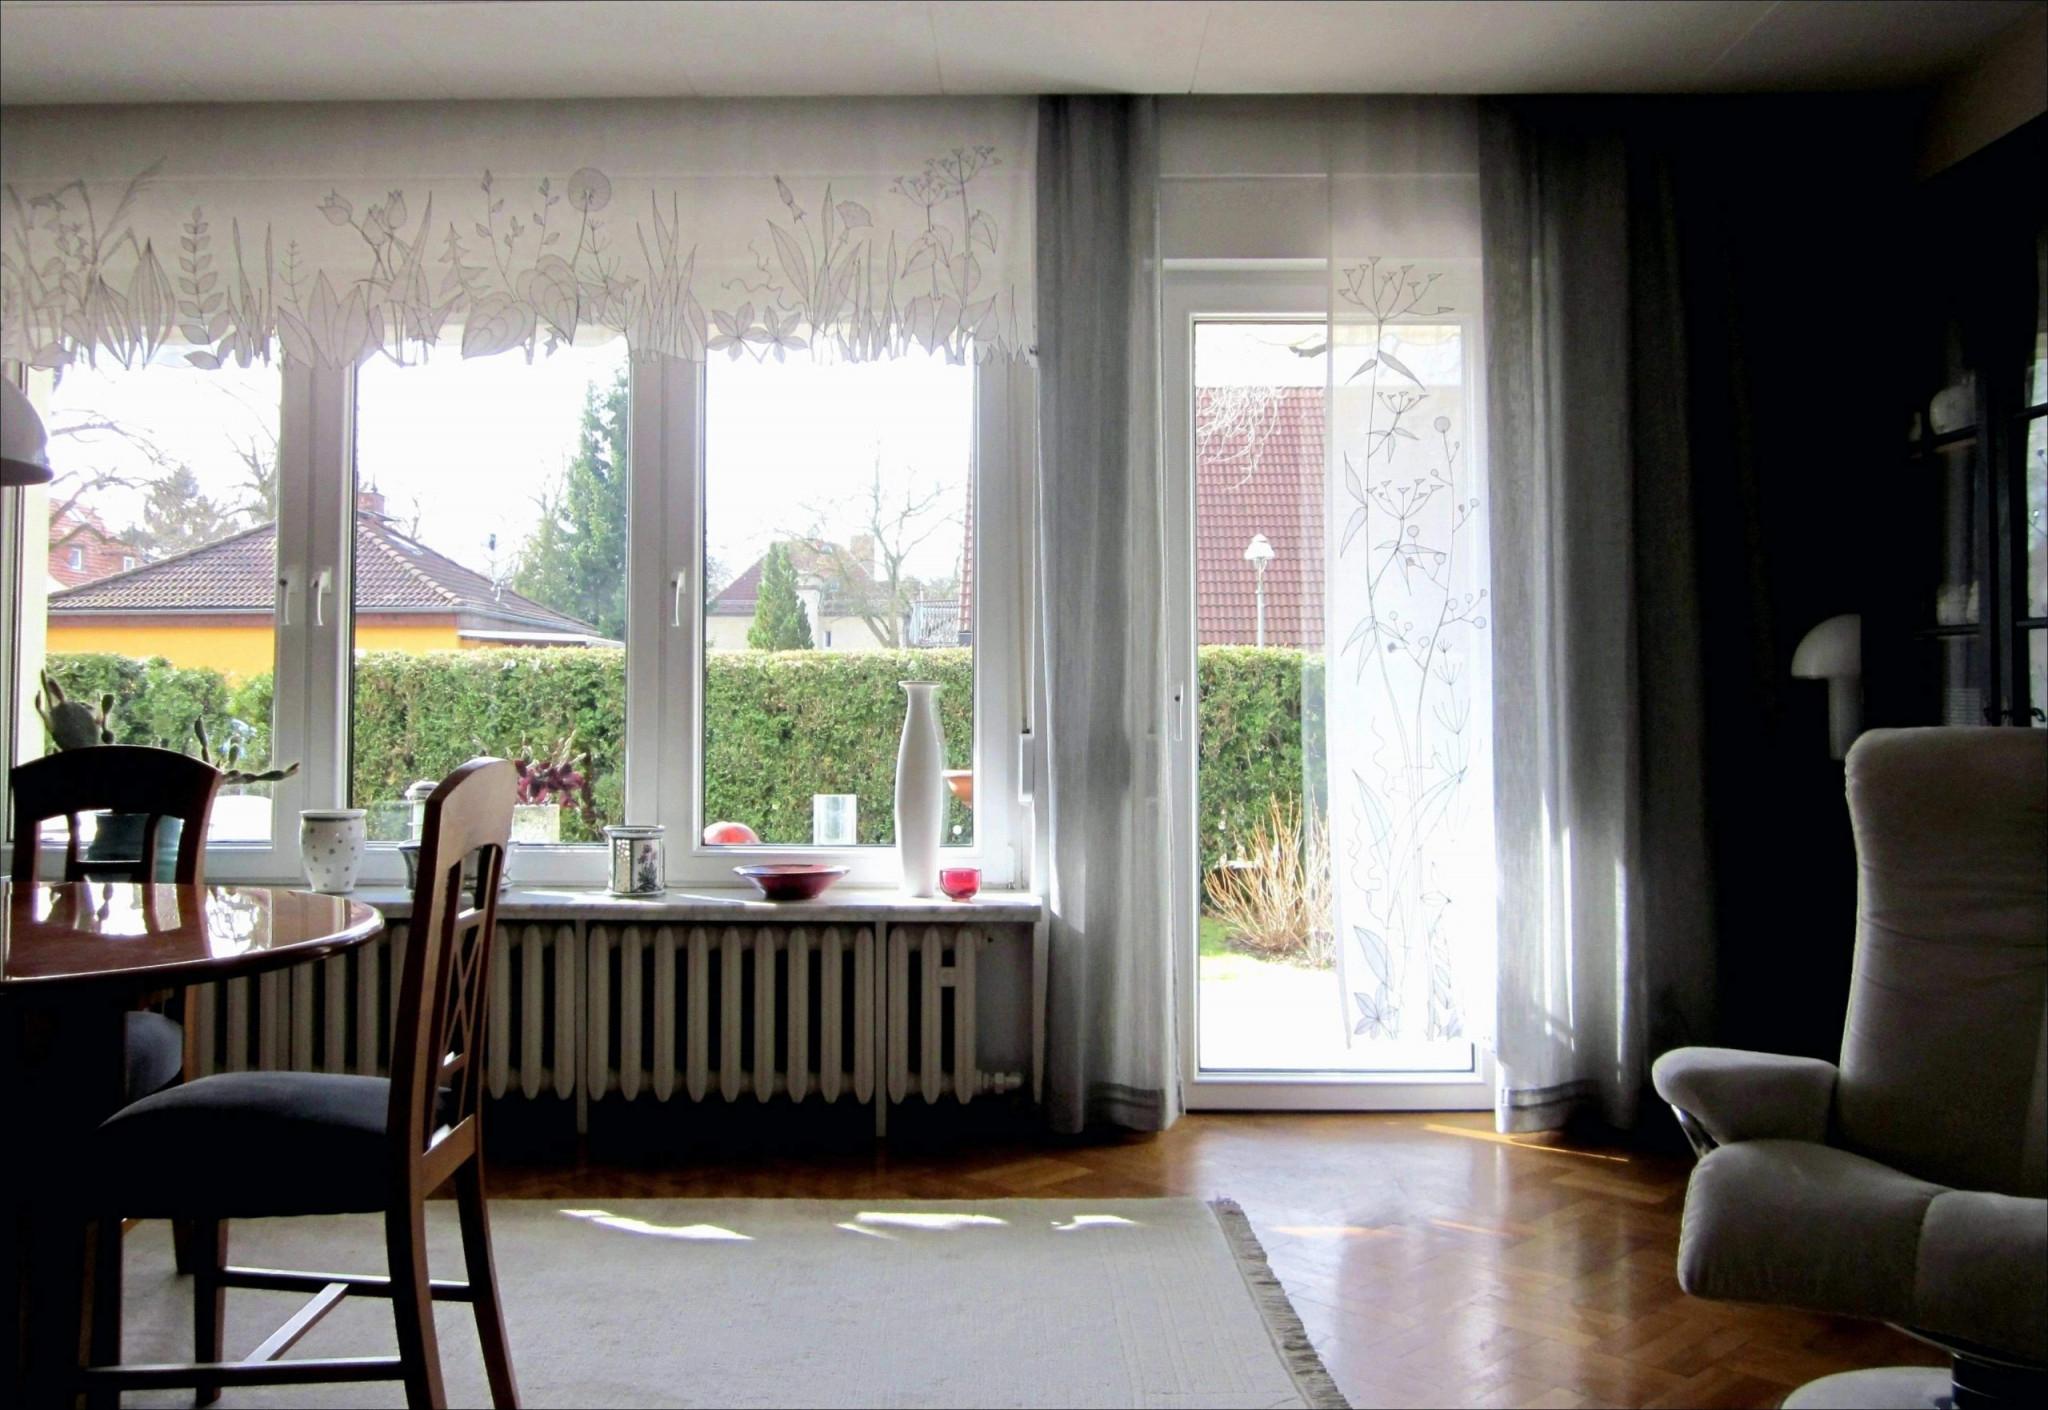 Fenster Gardinen Wohnzimmer Das Beste Von 59 Elegant Fenster von Gardinen Wohnzimmer Großes Fenster Bild